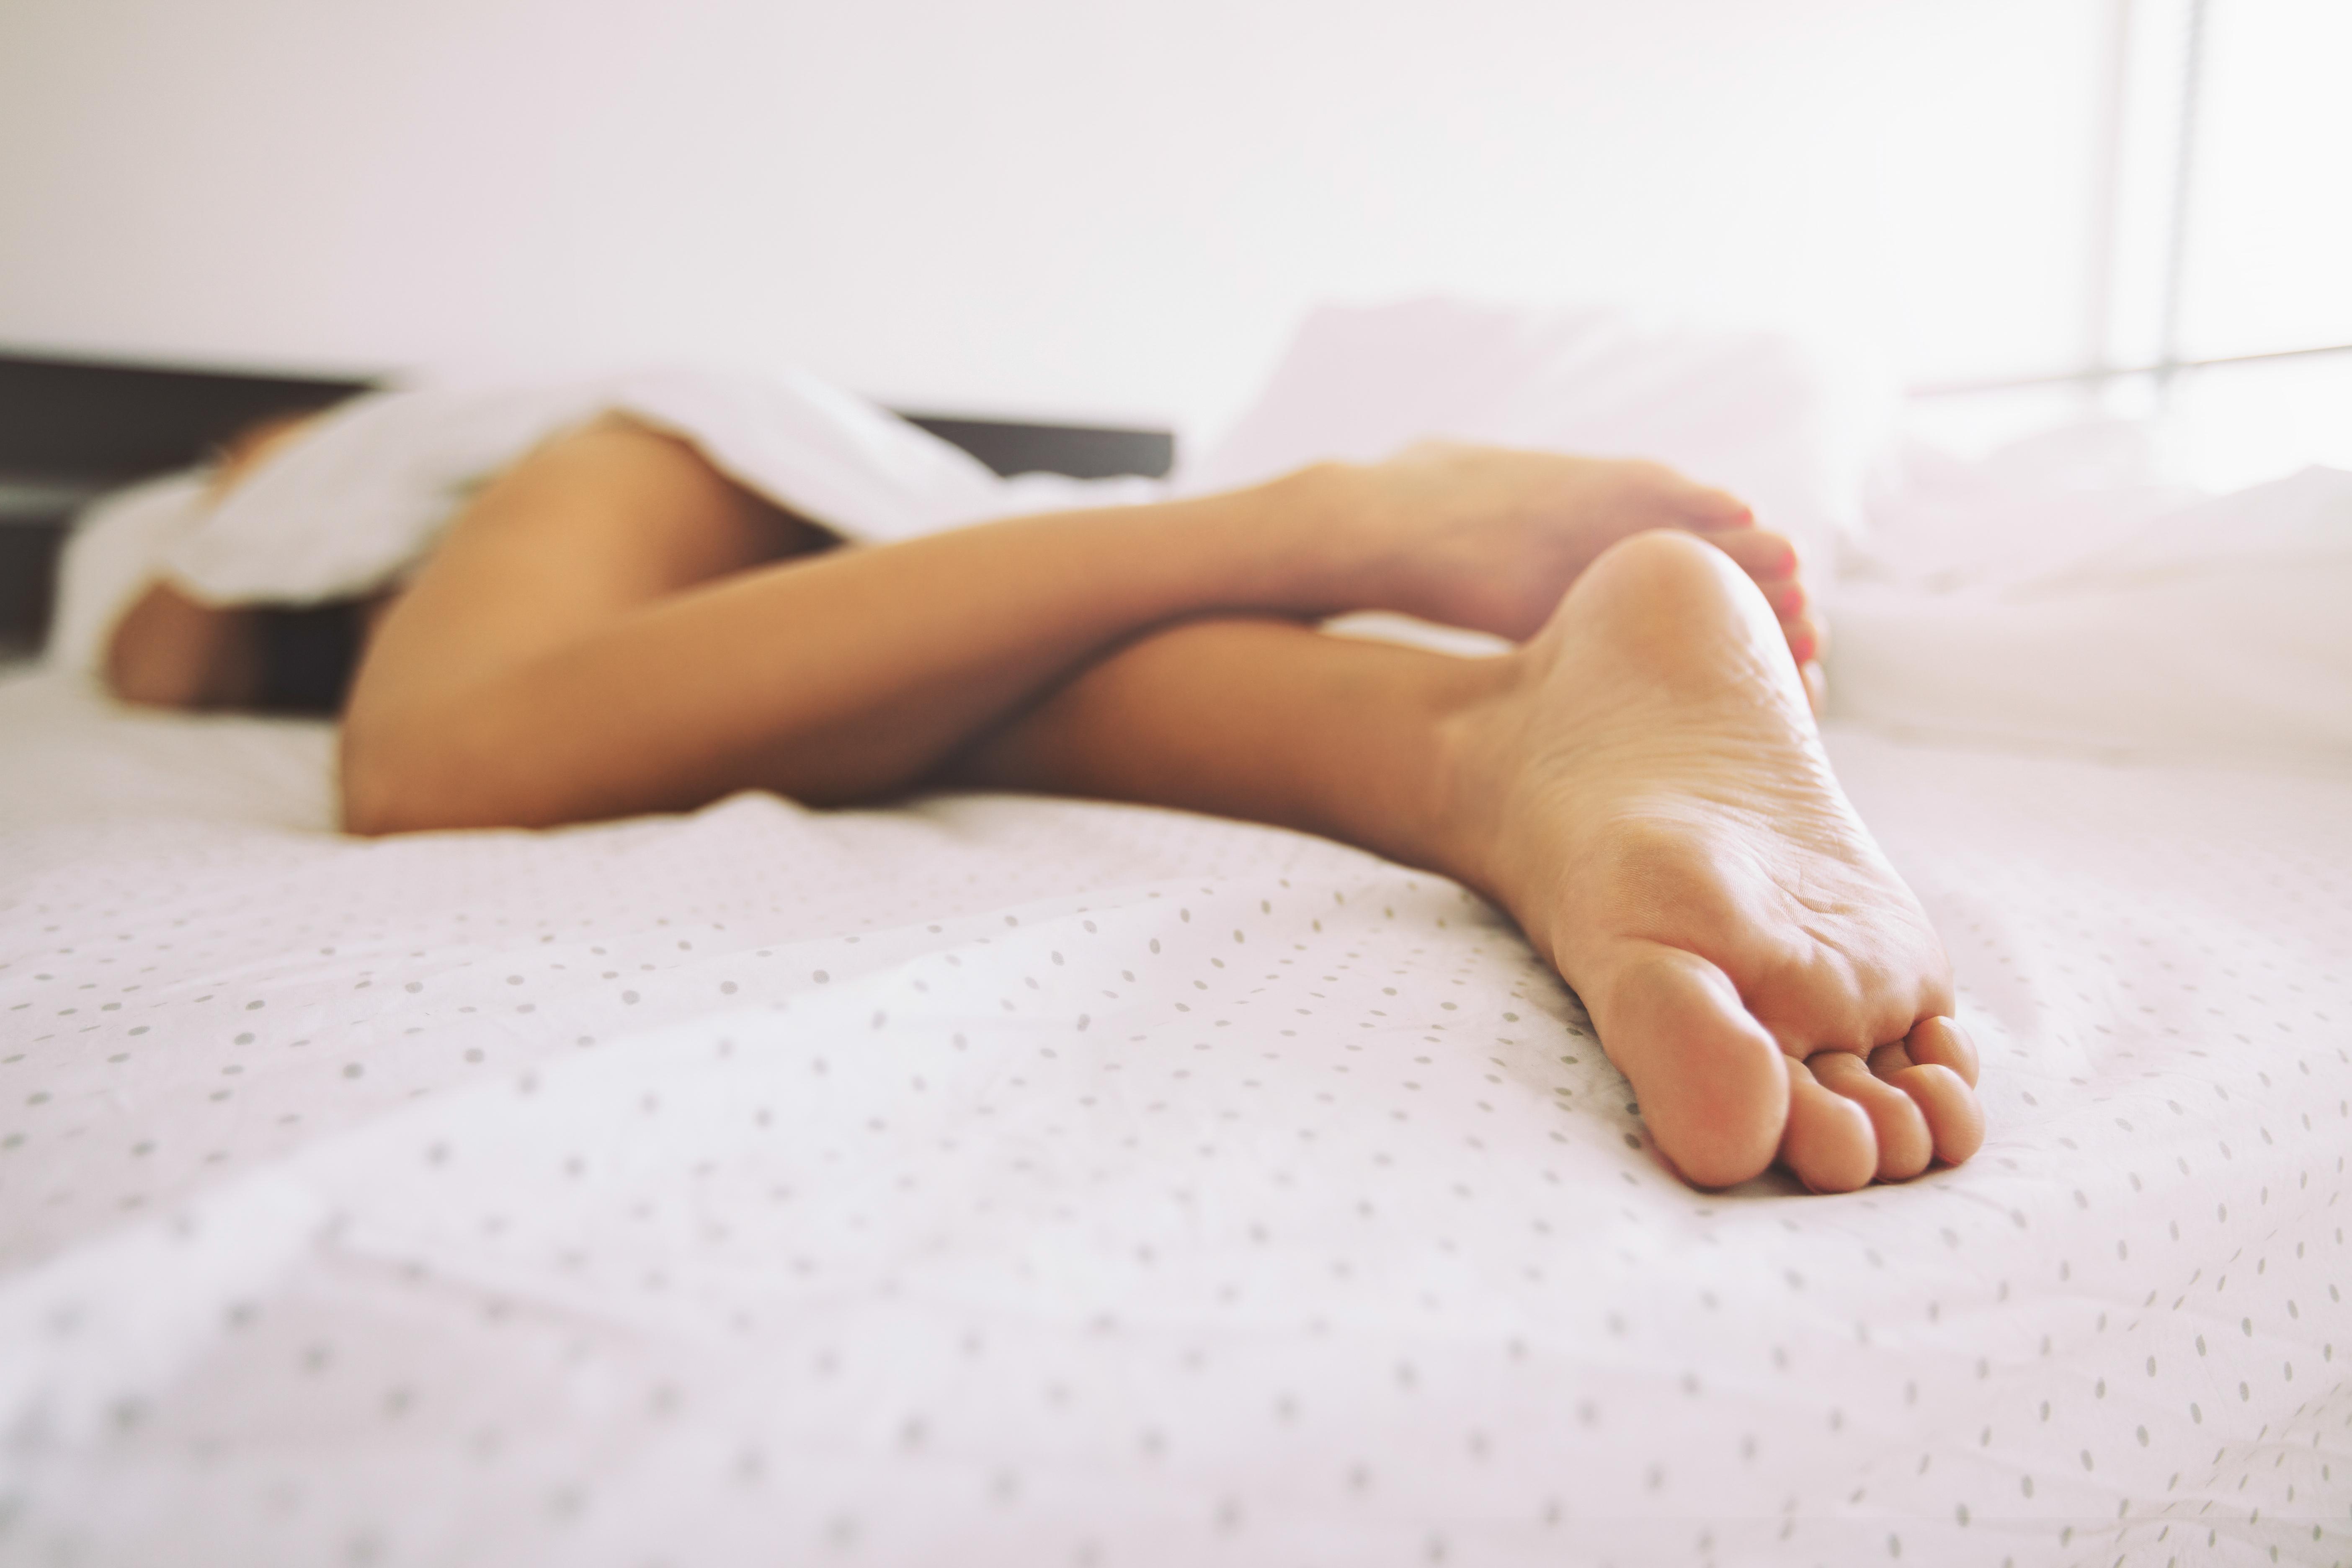 Фото женских ног в кровати 14 фотография